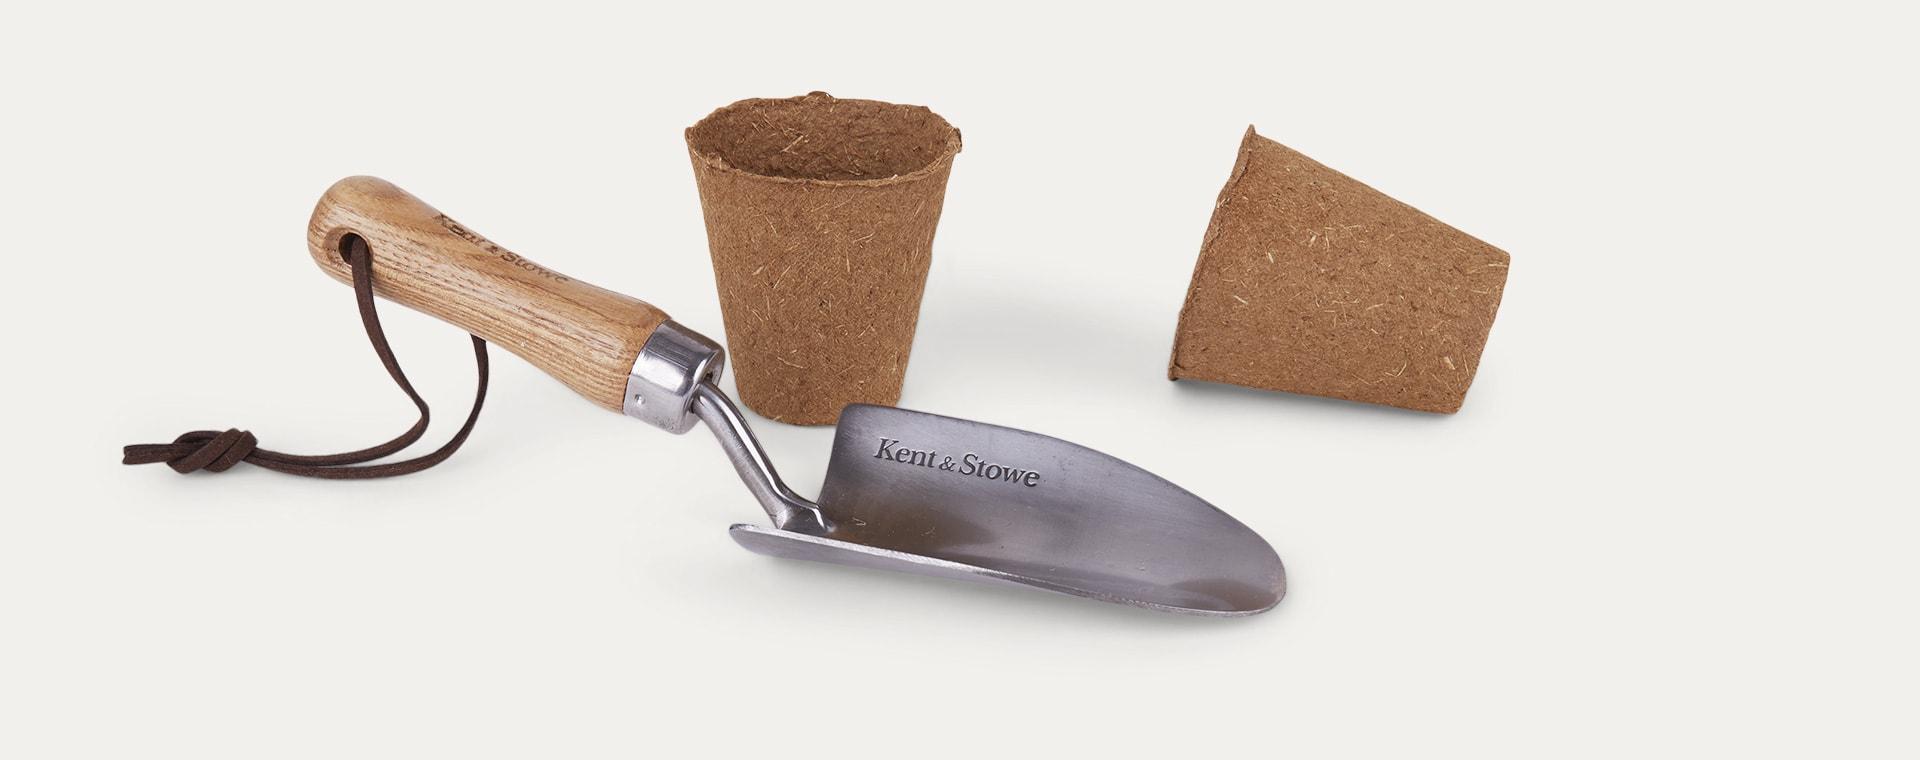 Multi The Den Kit Plant A Tree Kit